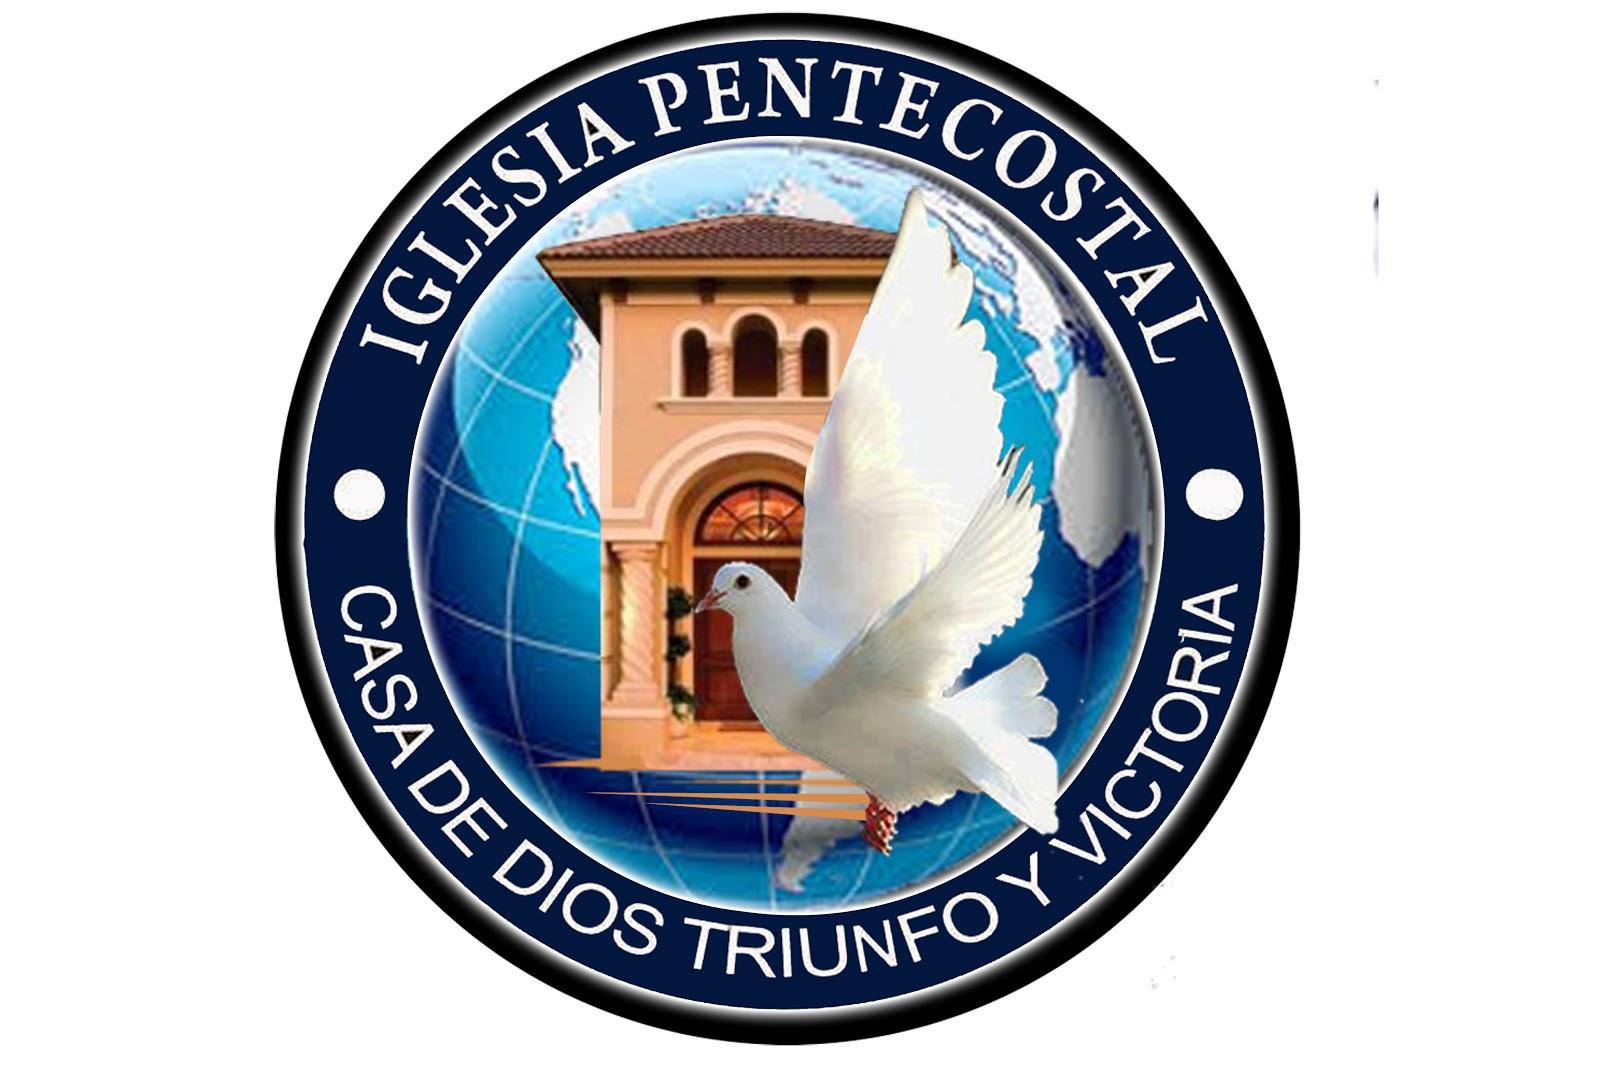 2daiglesia pentecostal casa de dios triunfo y victoria